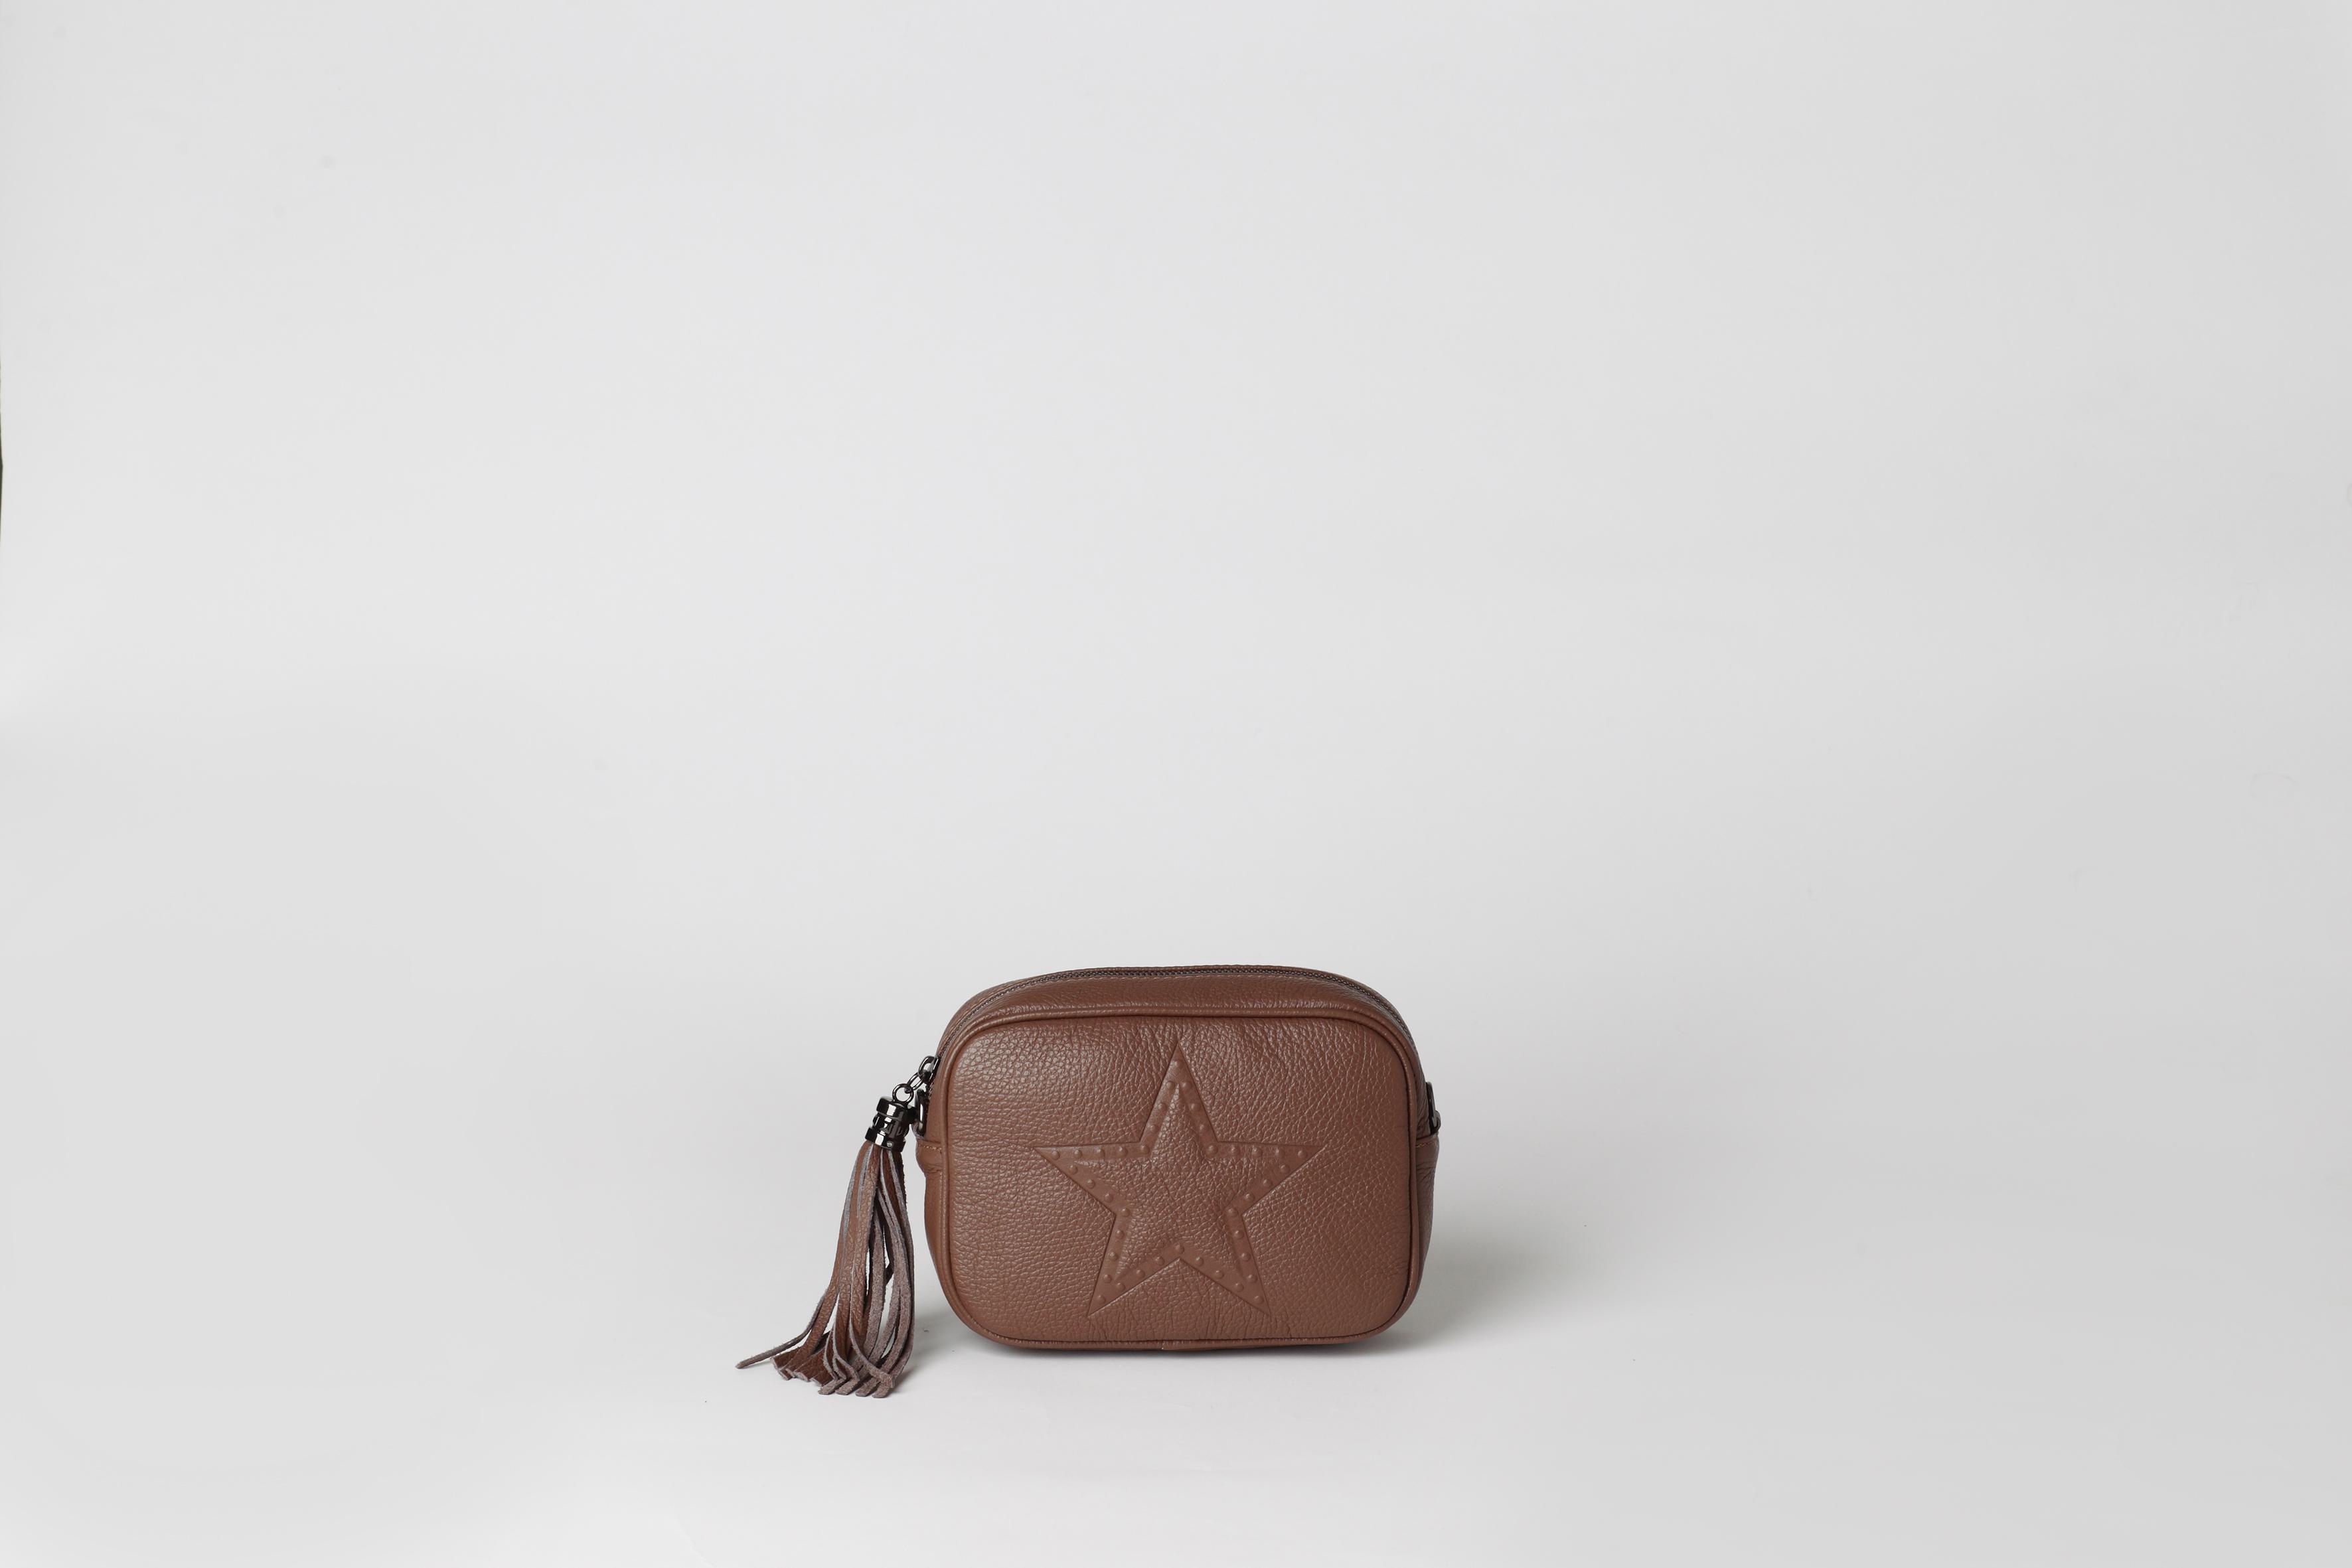 9b42495bd222 Кожаная маленькая сумка через плечо AMY leather mini cross body bag. В  наличии в Москве